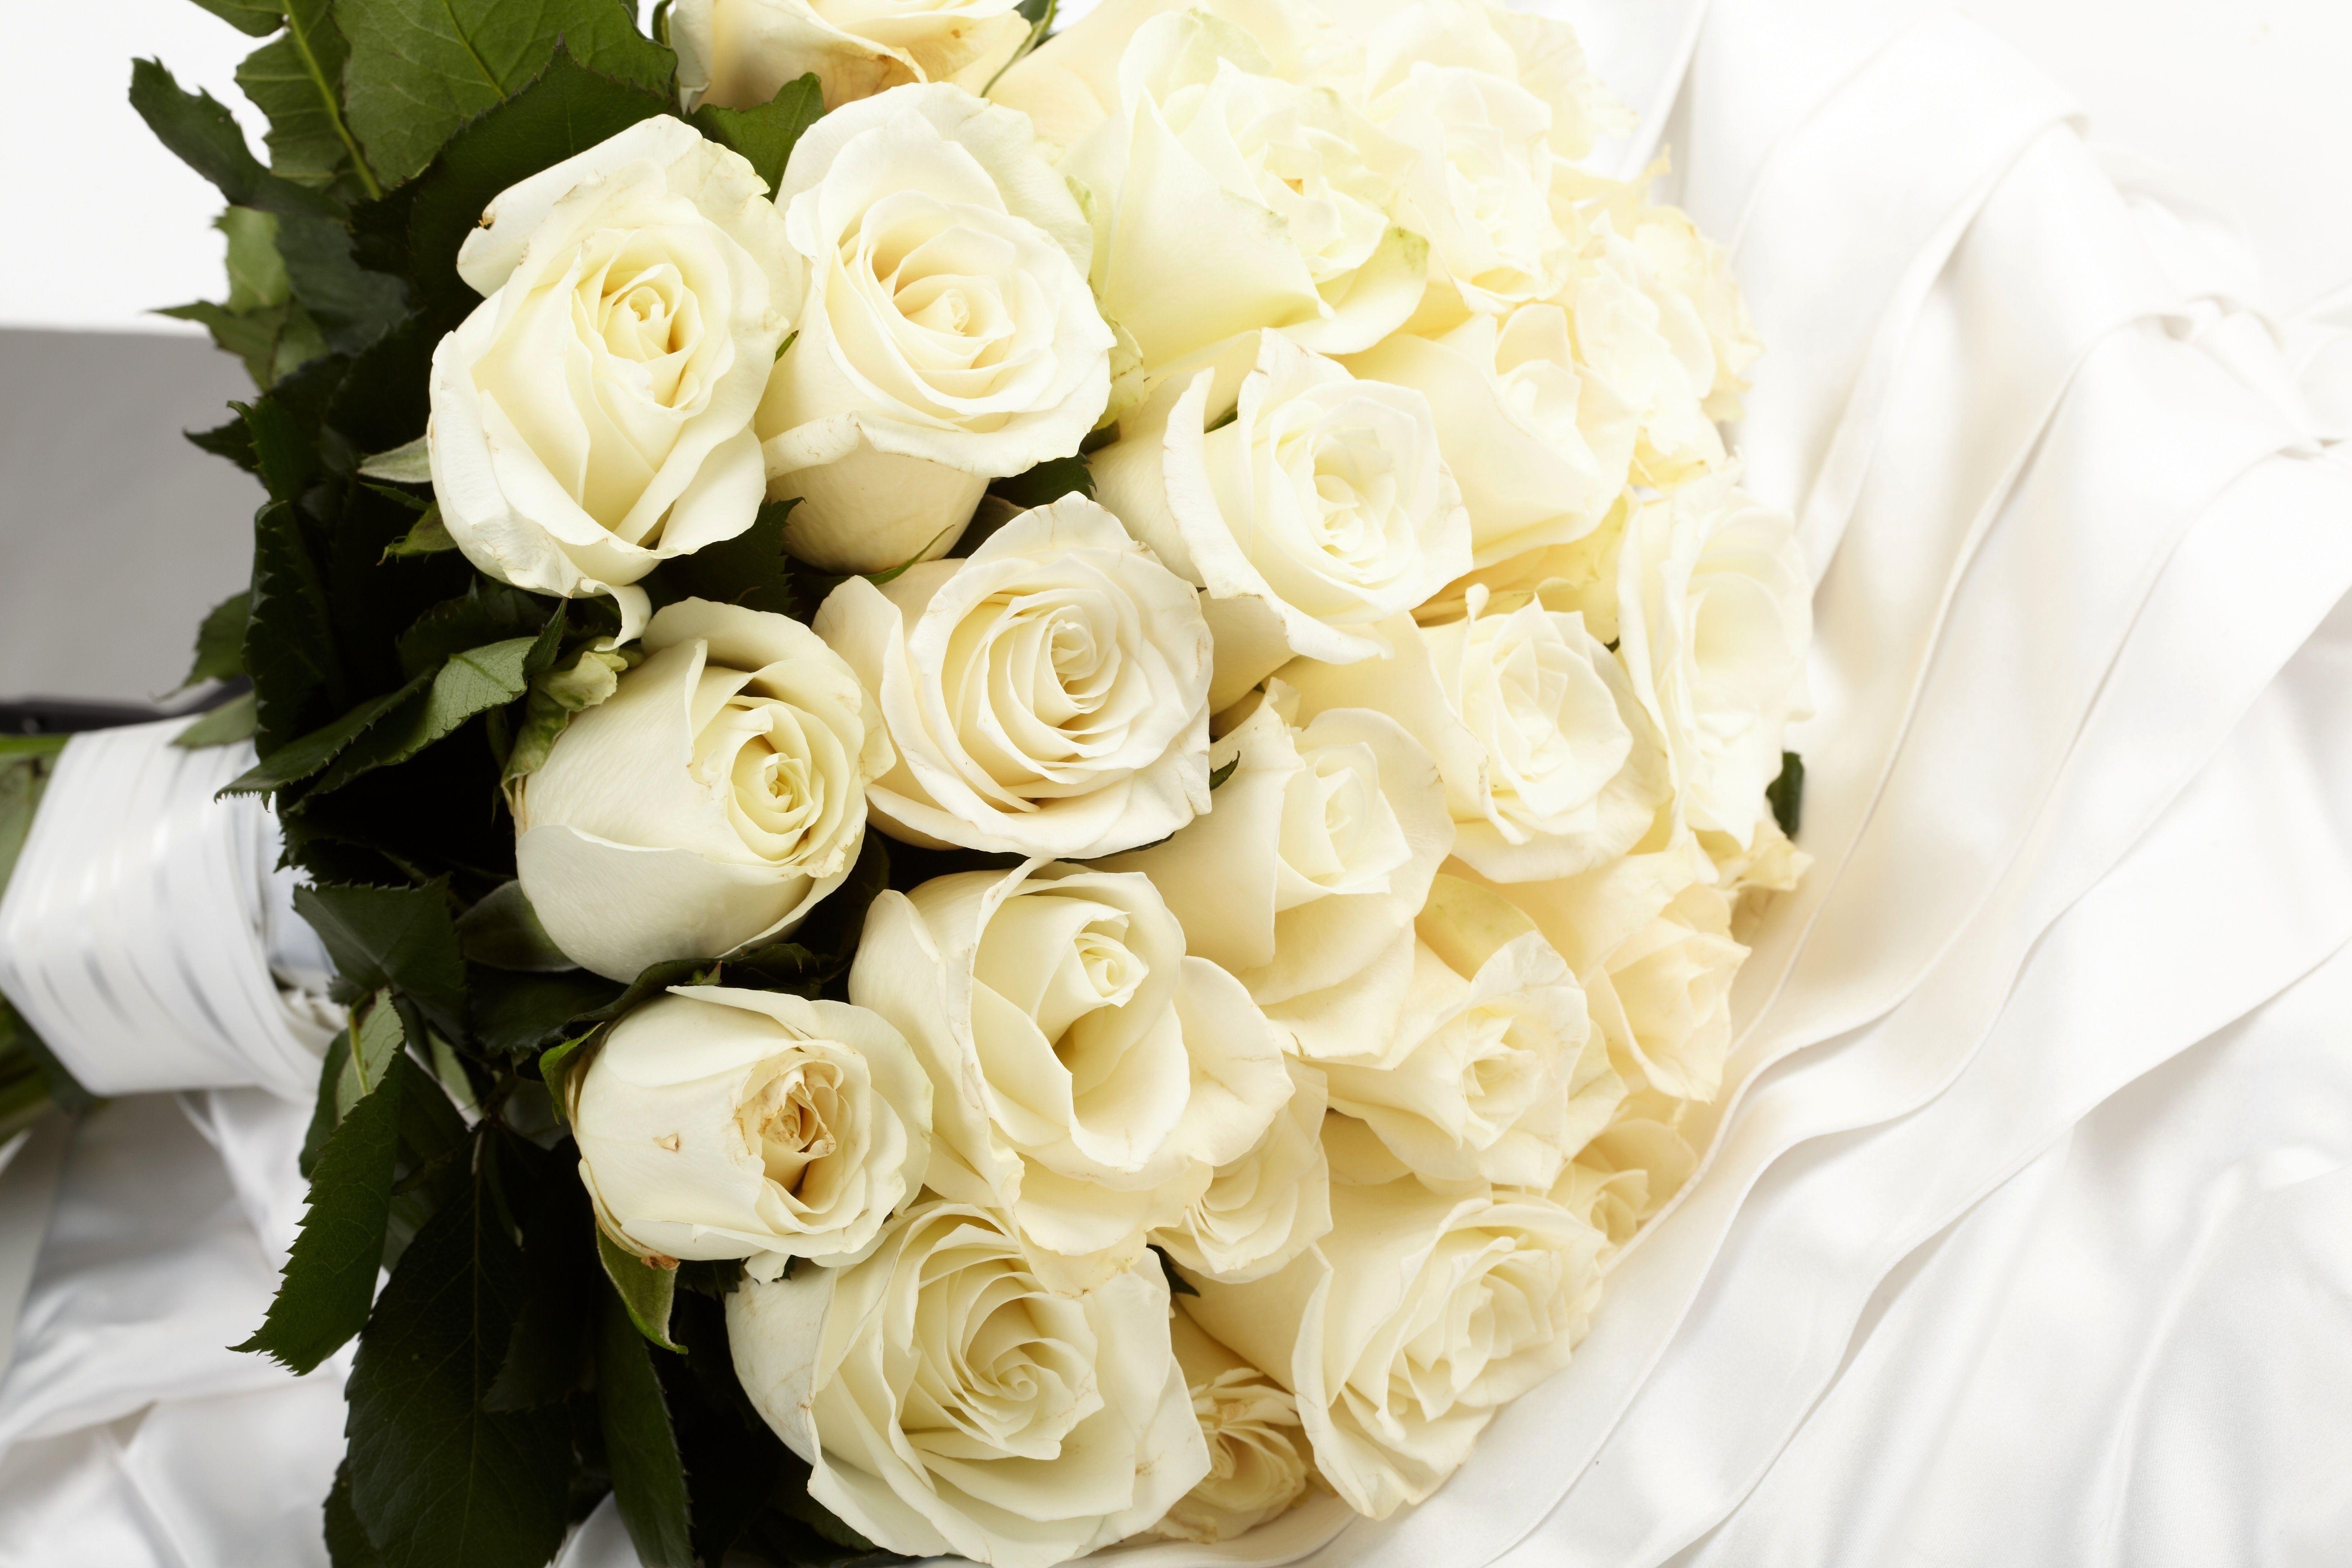 Что обозначают белые розы в подарок девушке 26